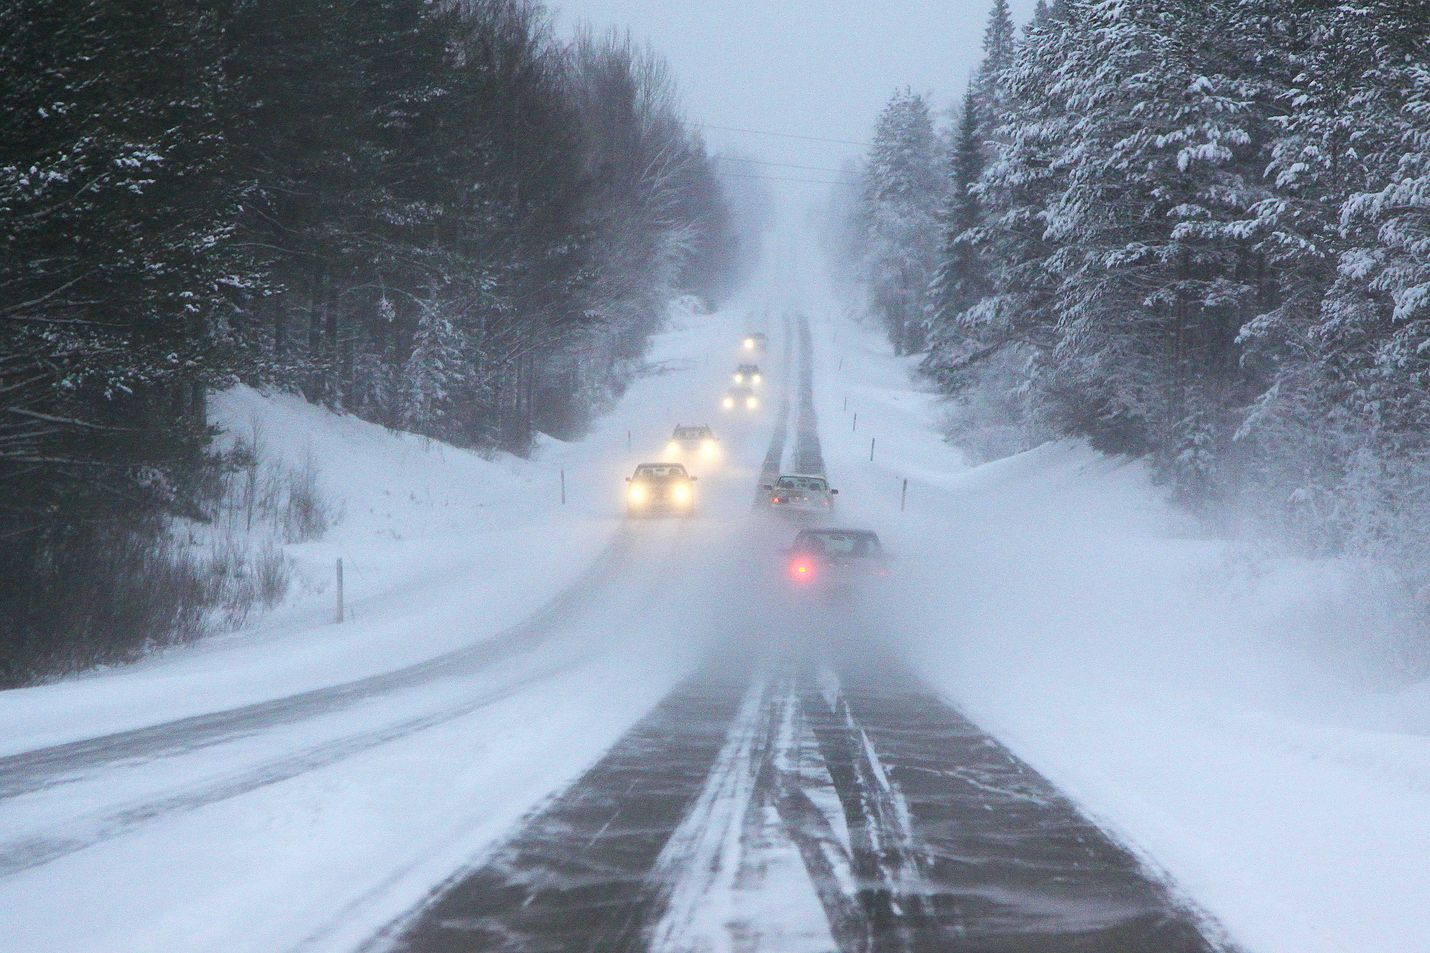 Pöllyävä lumi voi heikentää näkyvyyttä tien päällä. Nopeus on syytä asettaa  olosuhteiden mukaiseksi. Kuva  Kaisa Tanskanen Liikenneturva cd2e605a30